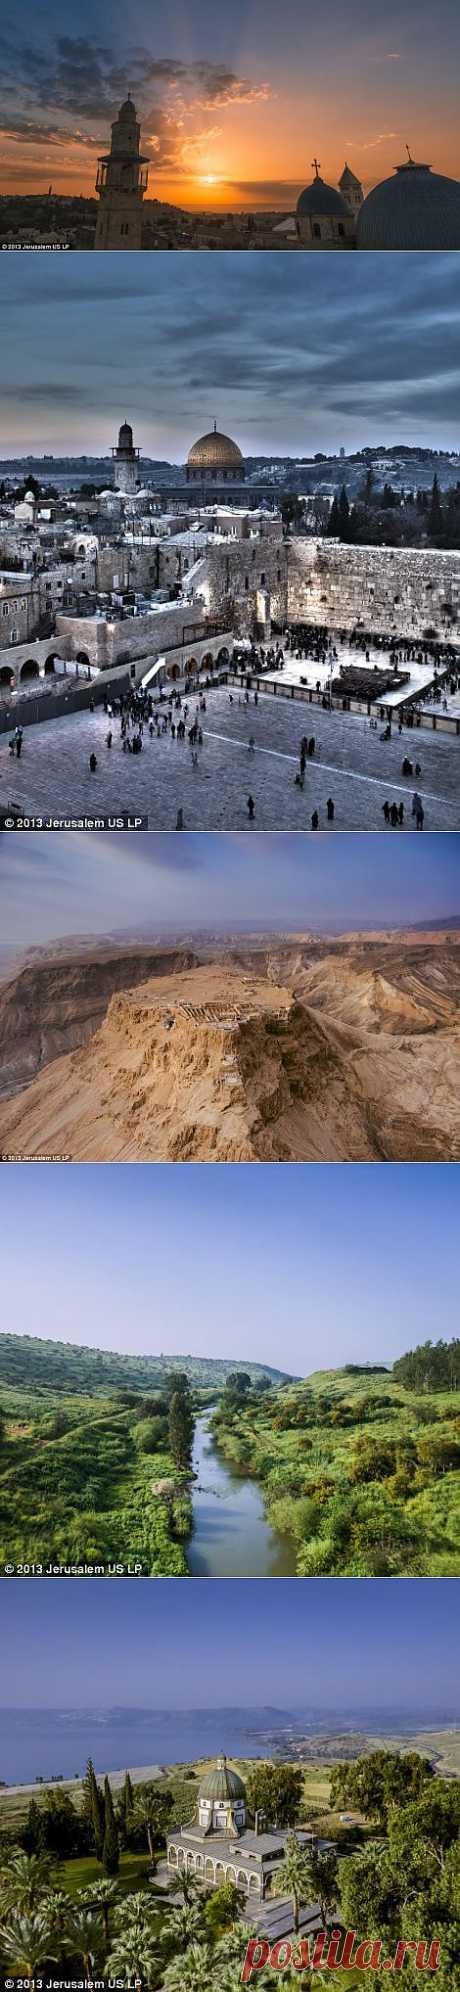 """Фото из фильма """" Иерусалим"""".."""